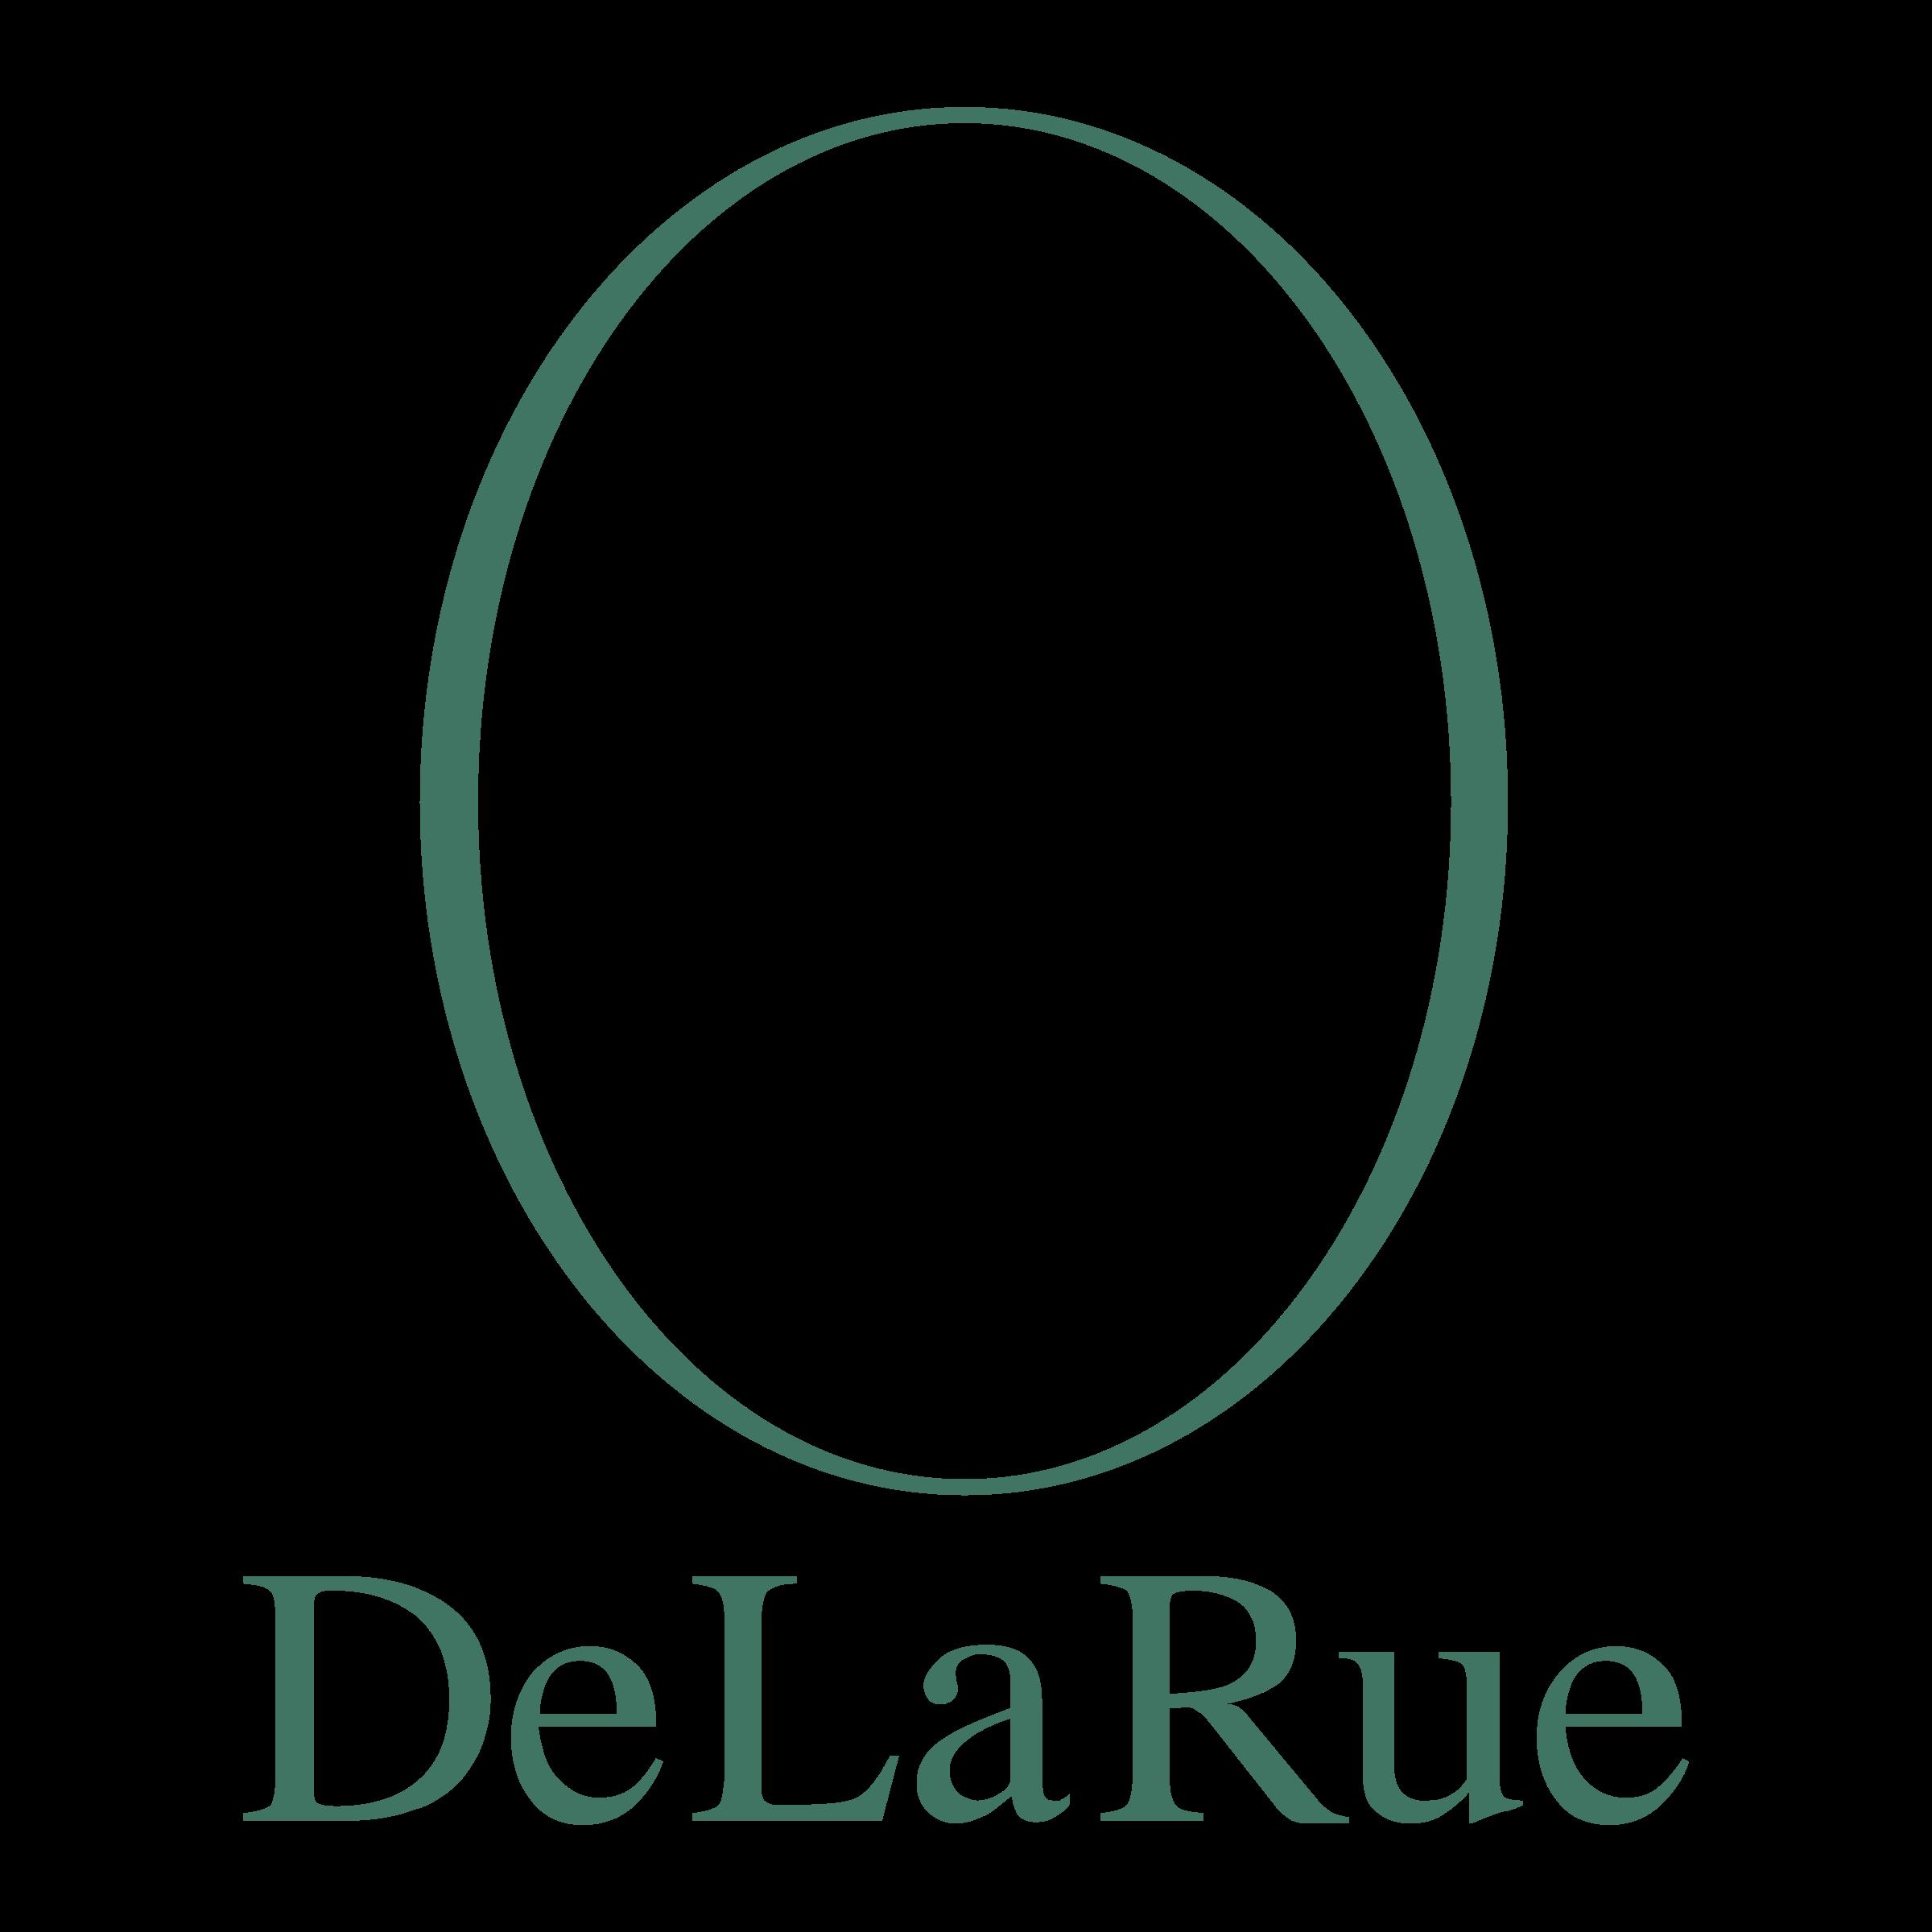 de-la-rue-2-logo-png-transparent.png